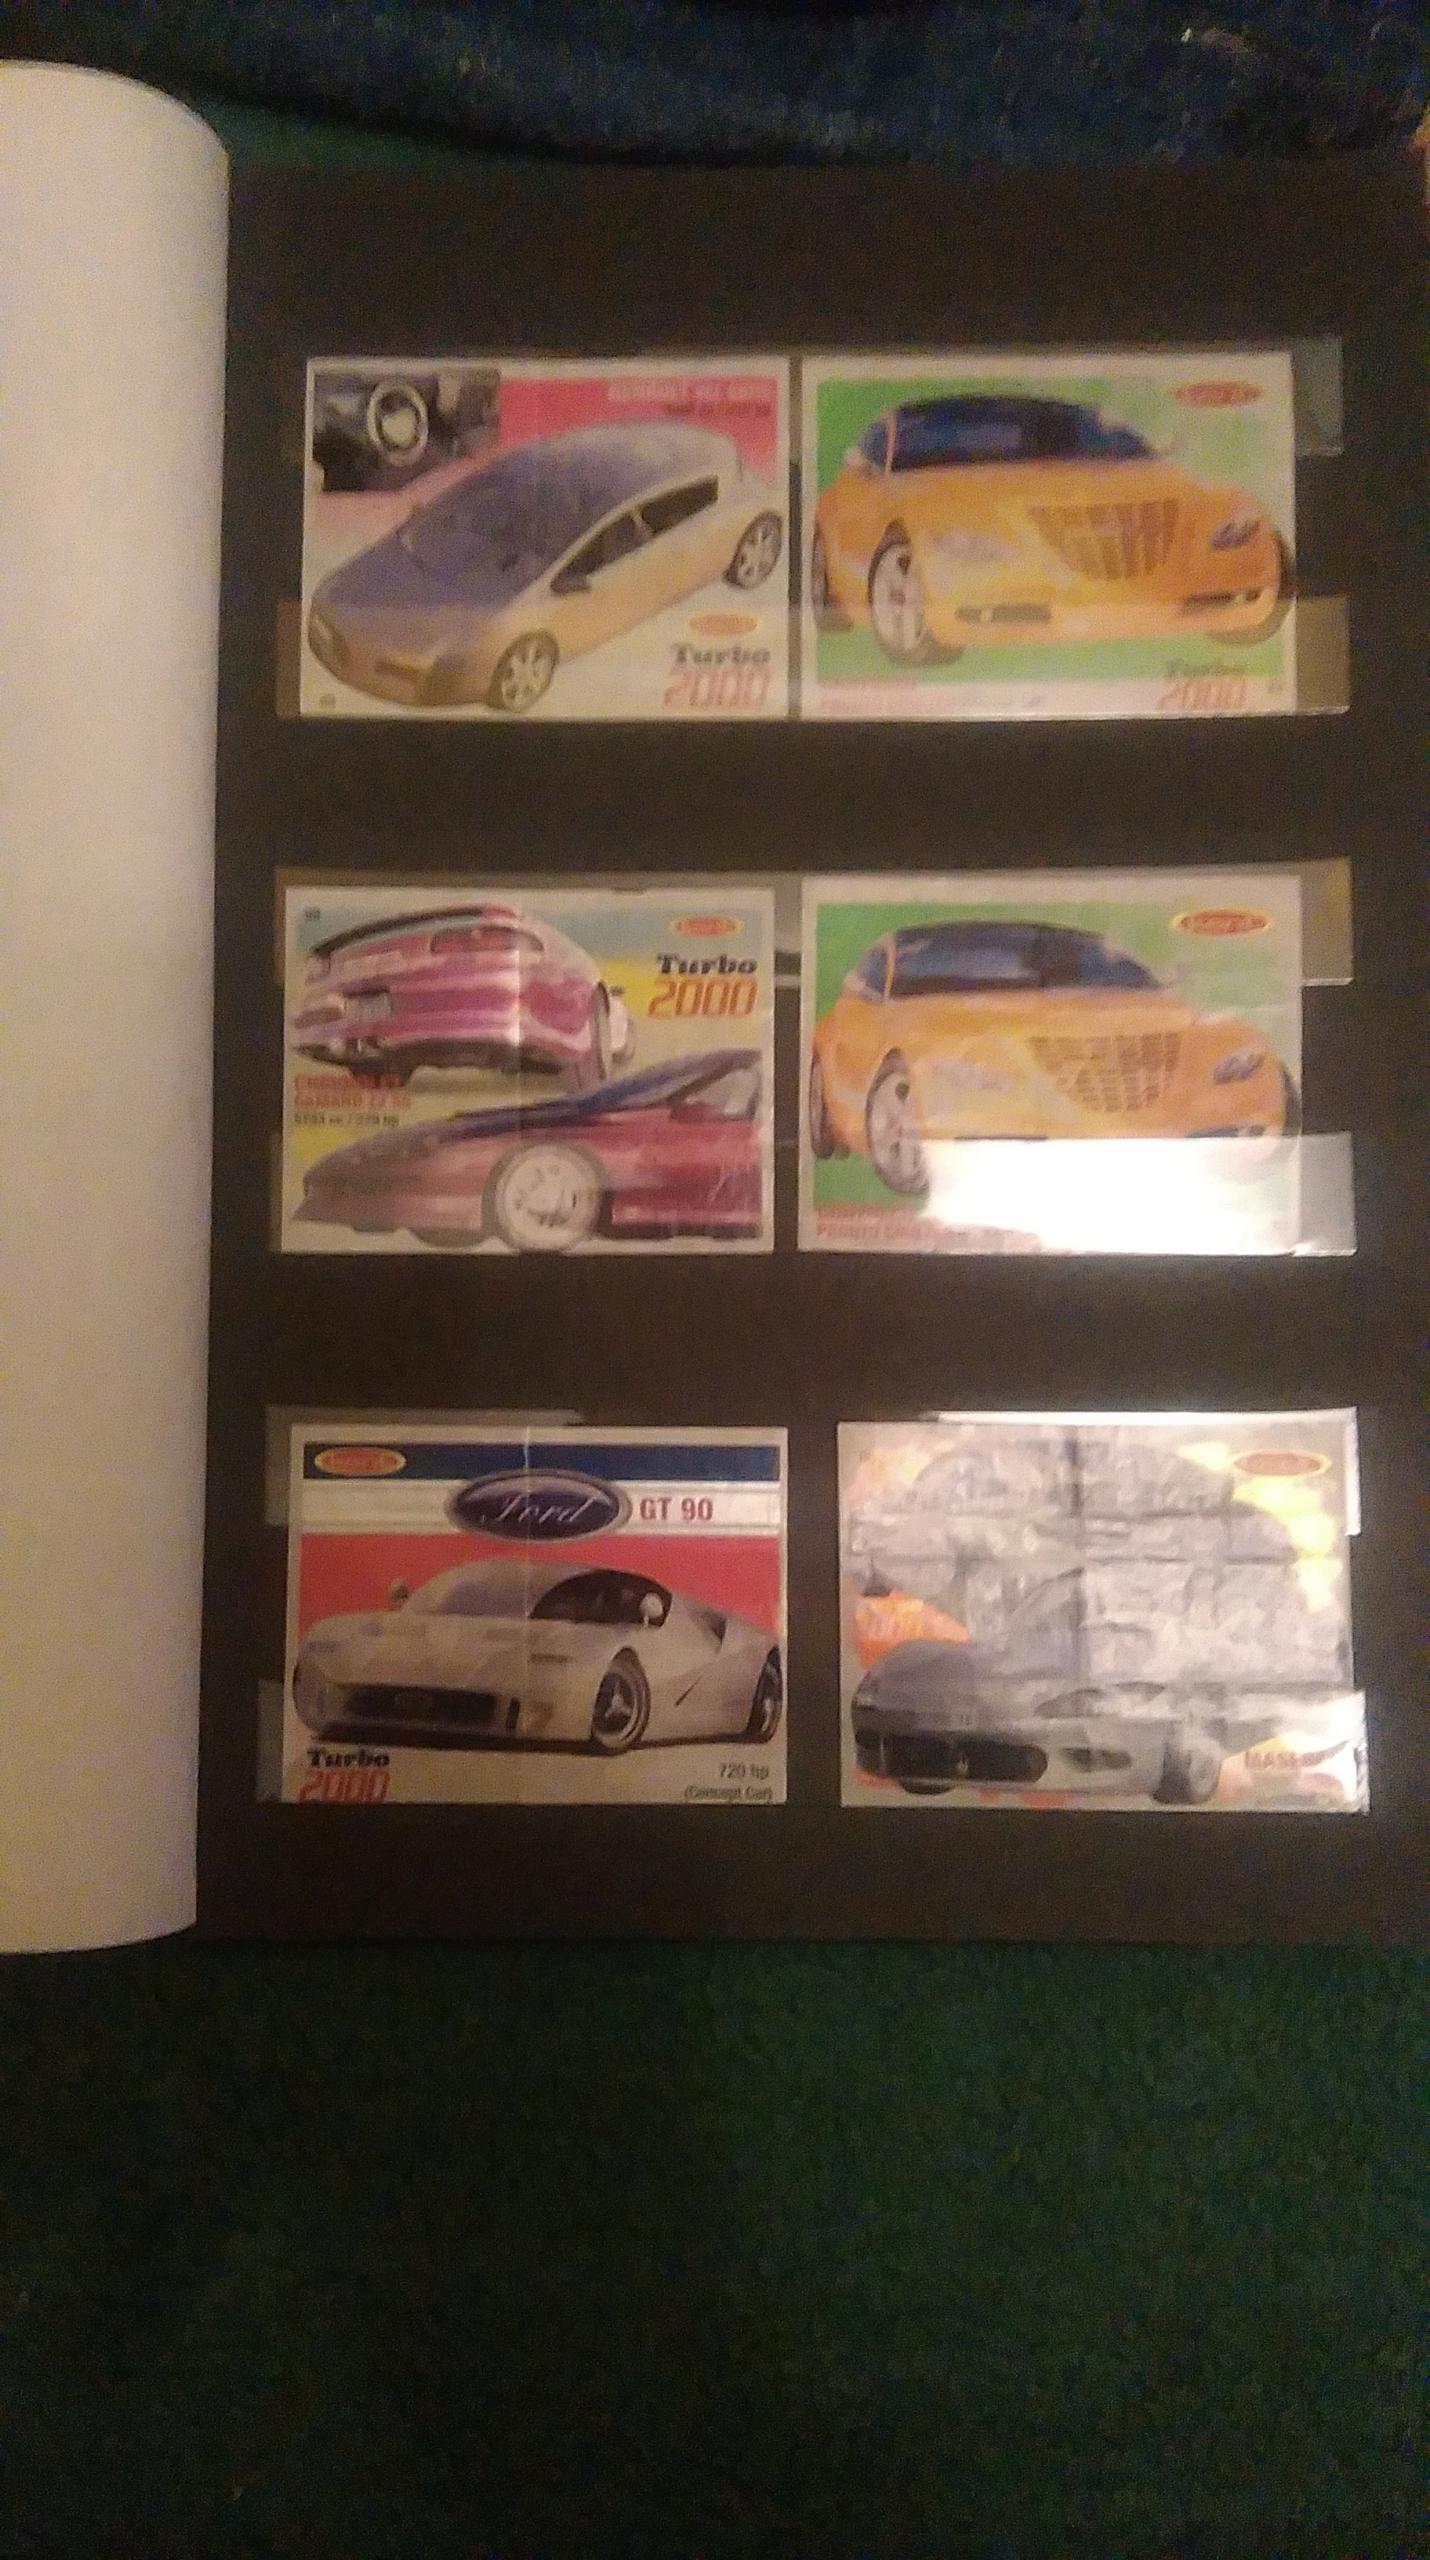 obrazki z gum Turbo 2000, 9szt.